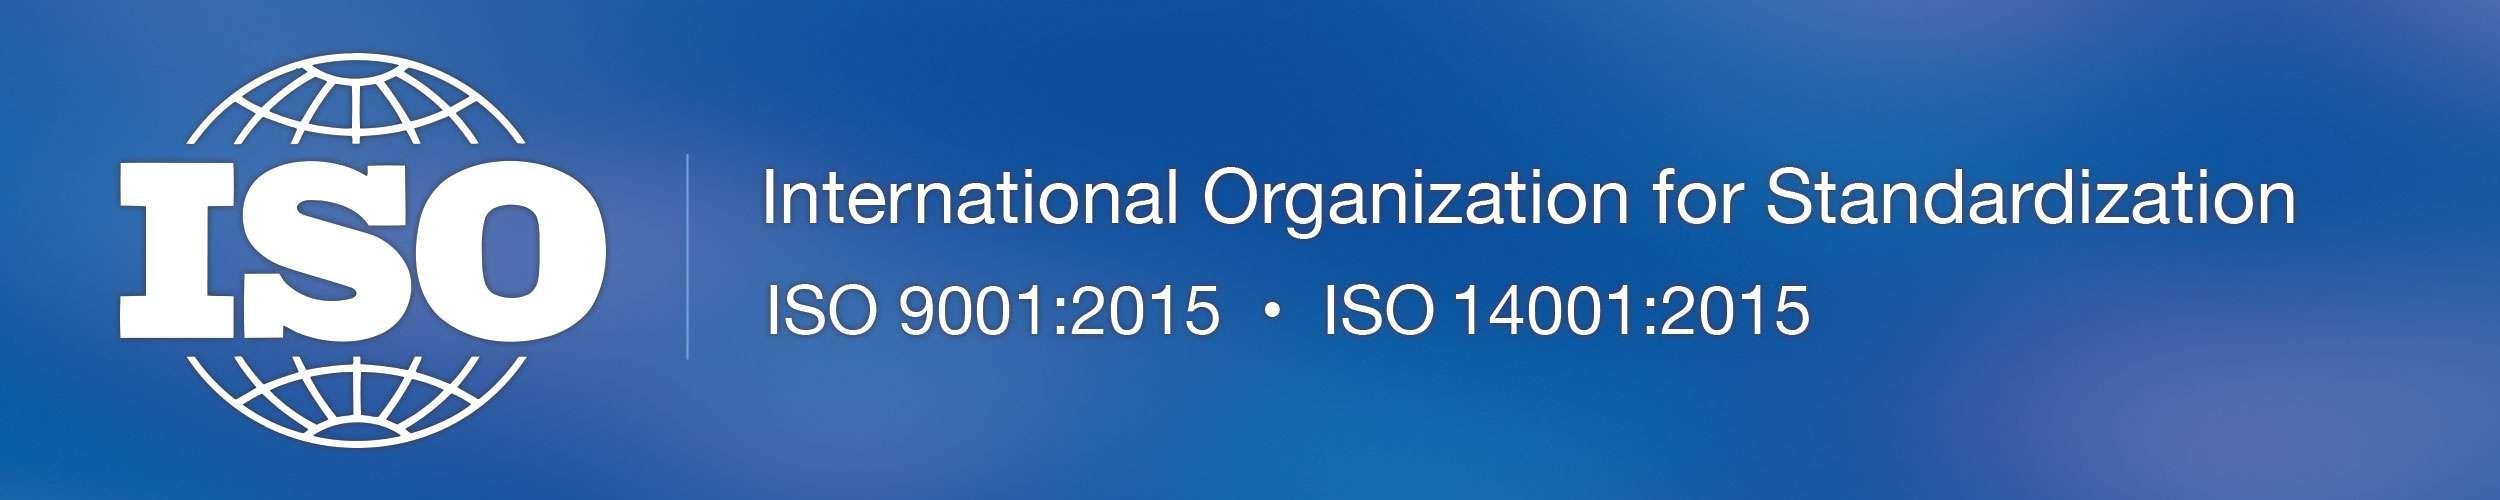 ISO-banner-hr